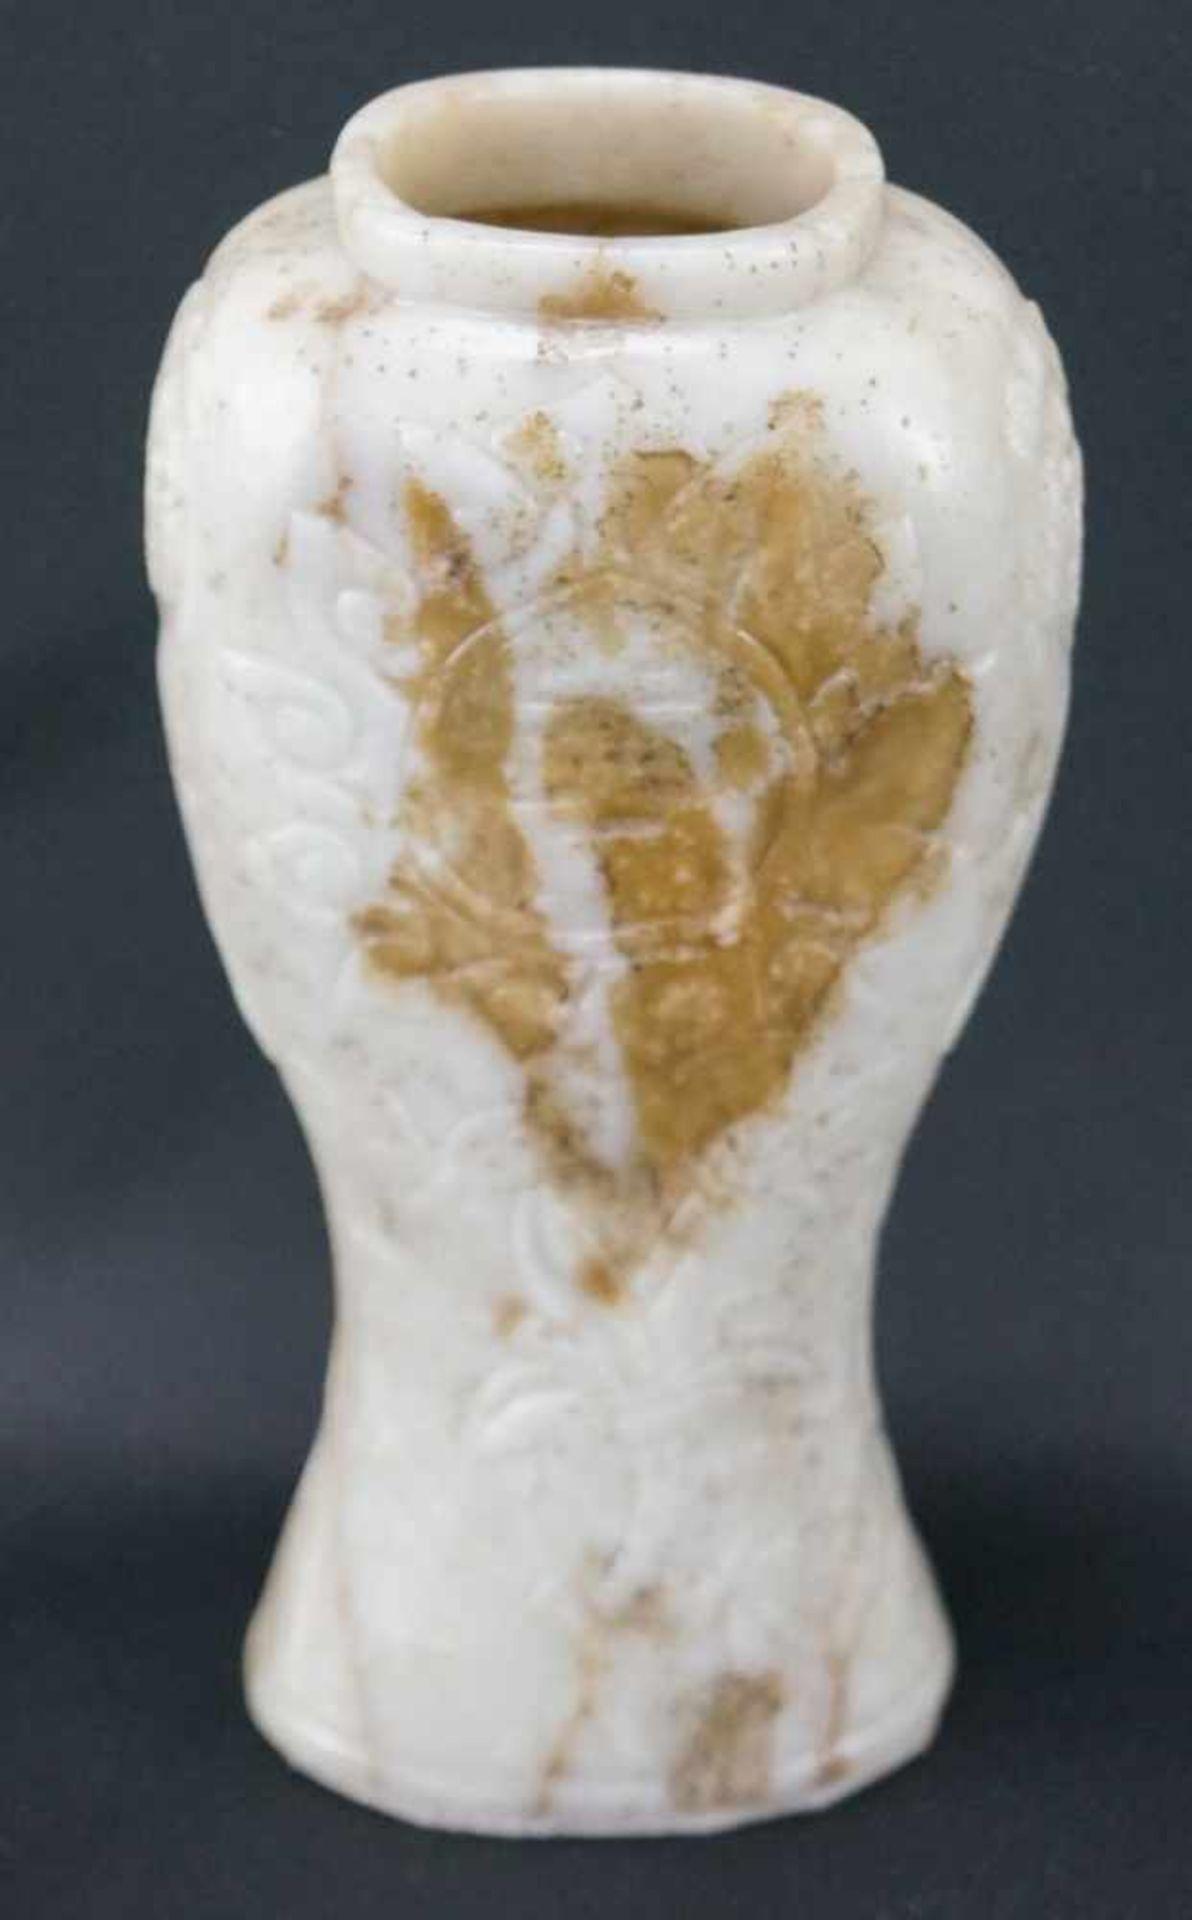 Vase aus JadeWeiße Jade, Höhe 17,5 cm x Breite 8,5 cm x Tiefe 5,5 cm, in einem guten Zustand